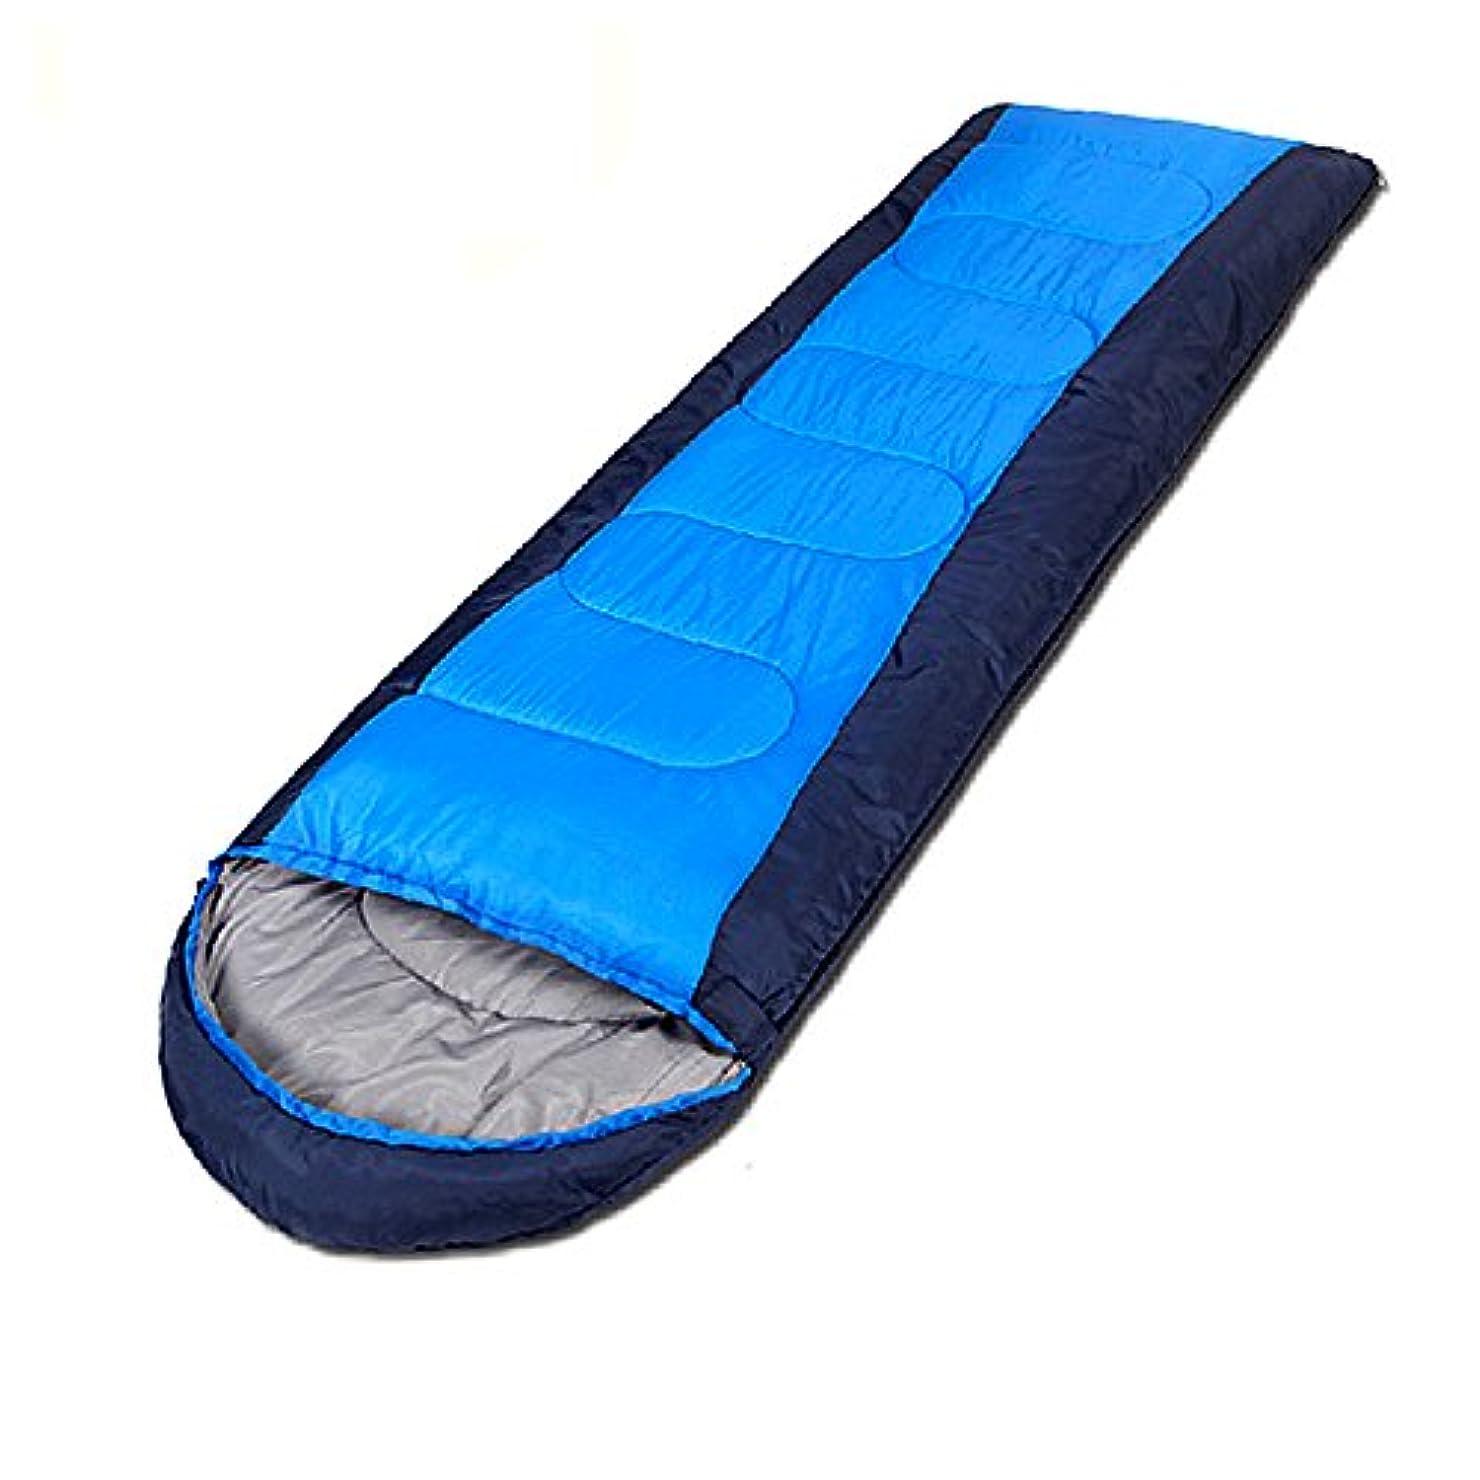 壮大データベース続けるLJHA shuidai 寝袋秋と冬屋外キャンプ旅行温かい寝袋シングル屋内ポータブル寝袋スプライシングダブルスリーピングバッグ (サイズ さいず : 1.1kg)